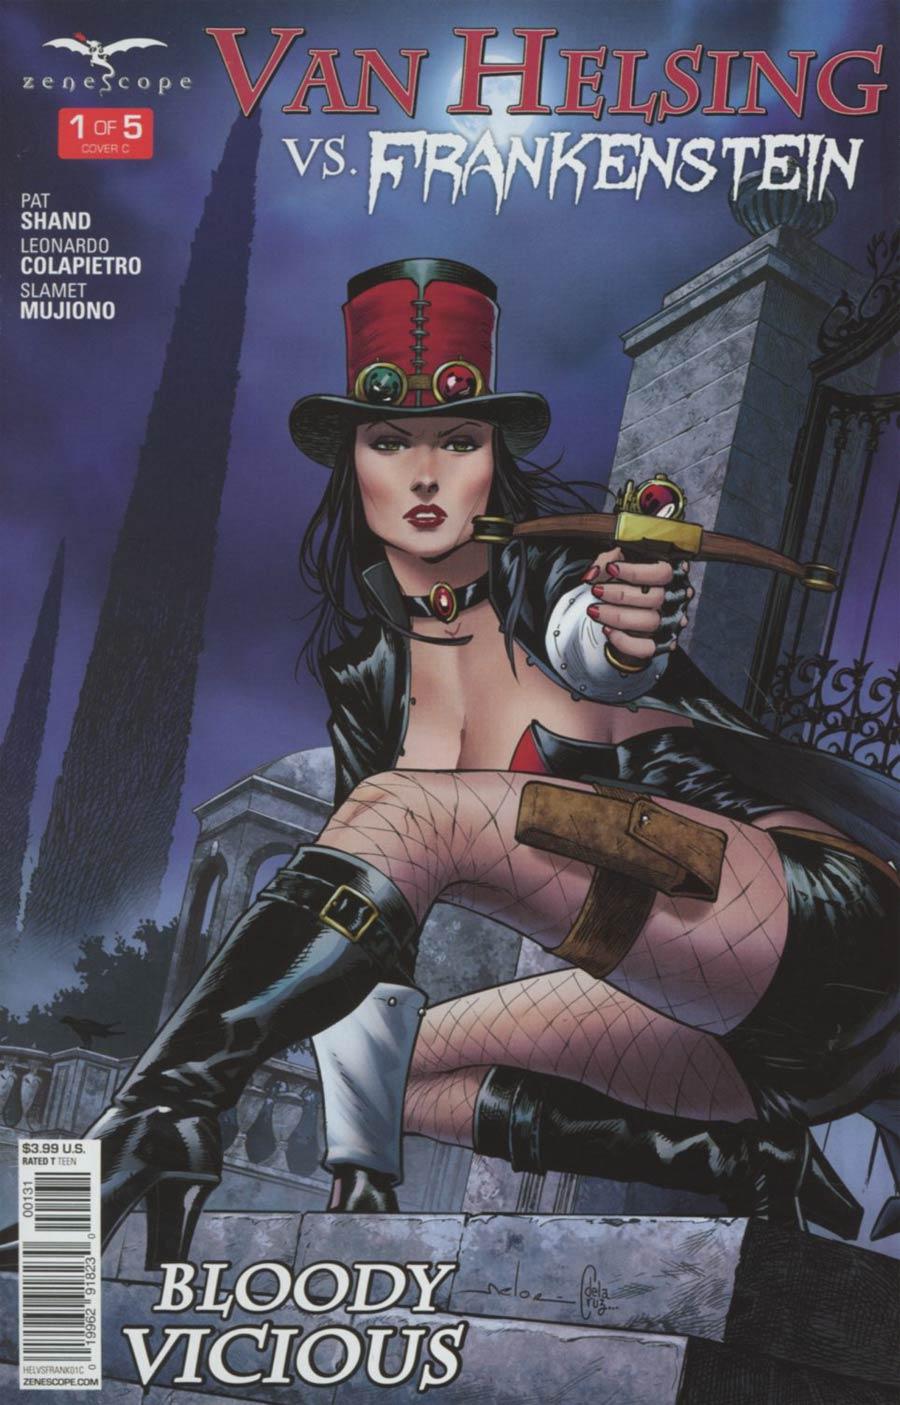 Grimm Fairy Tales Presents Van Helsing vs Frankenstein #1 Cover C Andrea Meloni